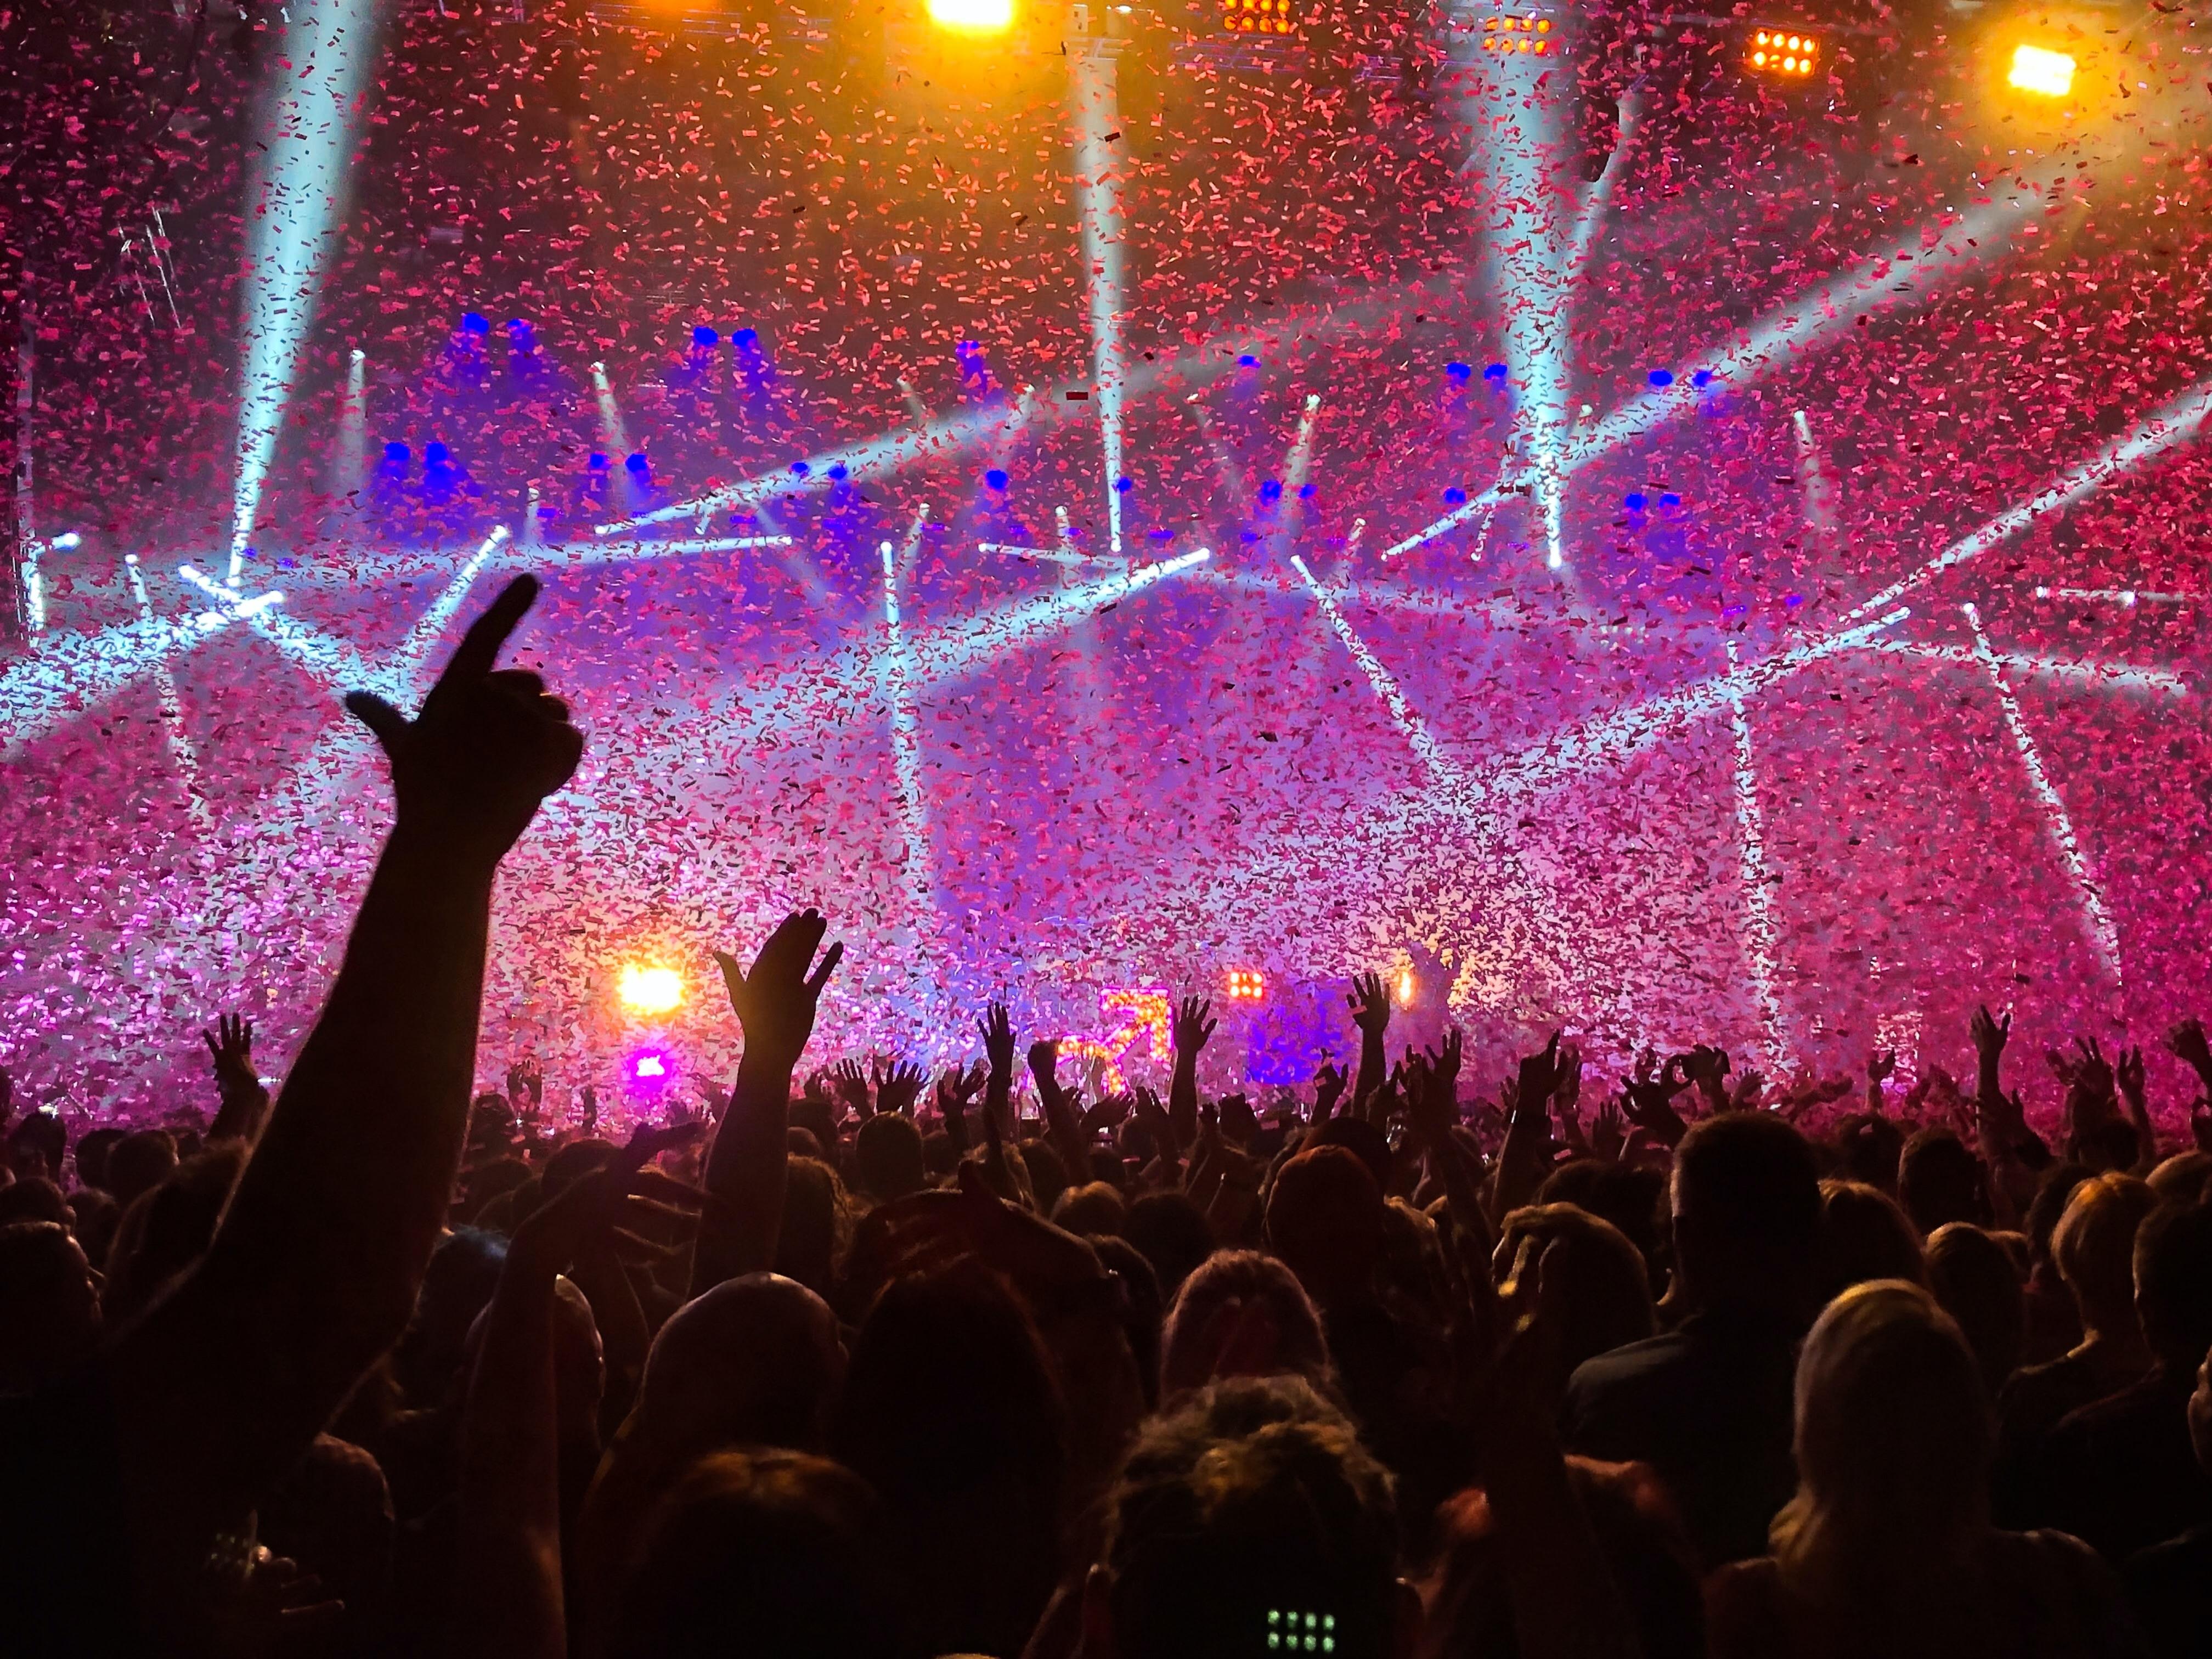 Des concerts seront joués sur le stade Saint-Symphorien.